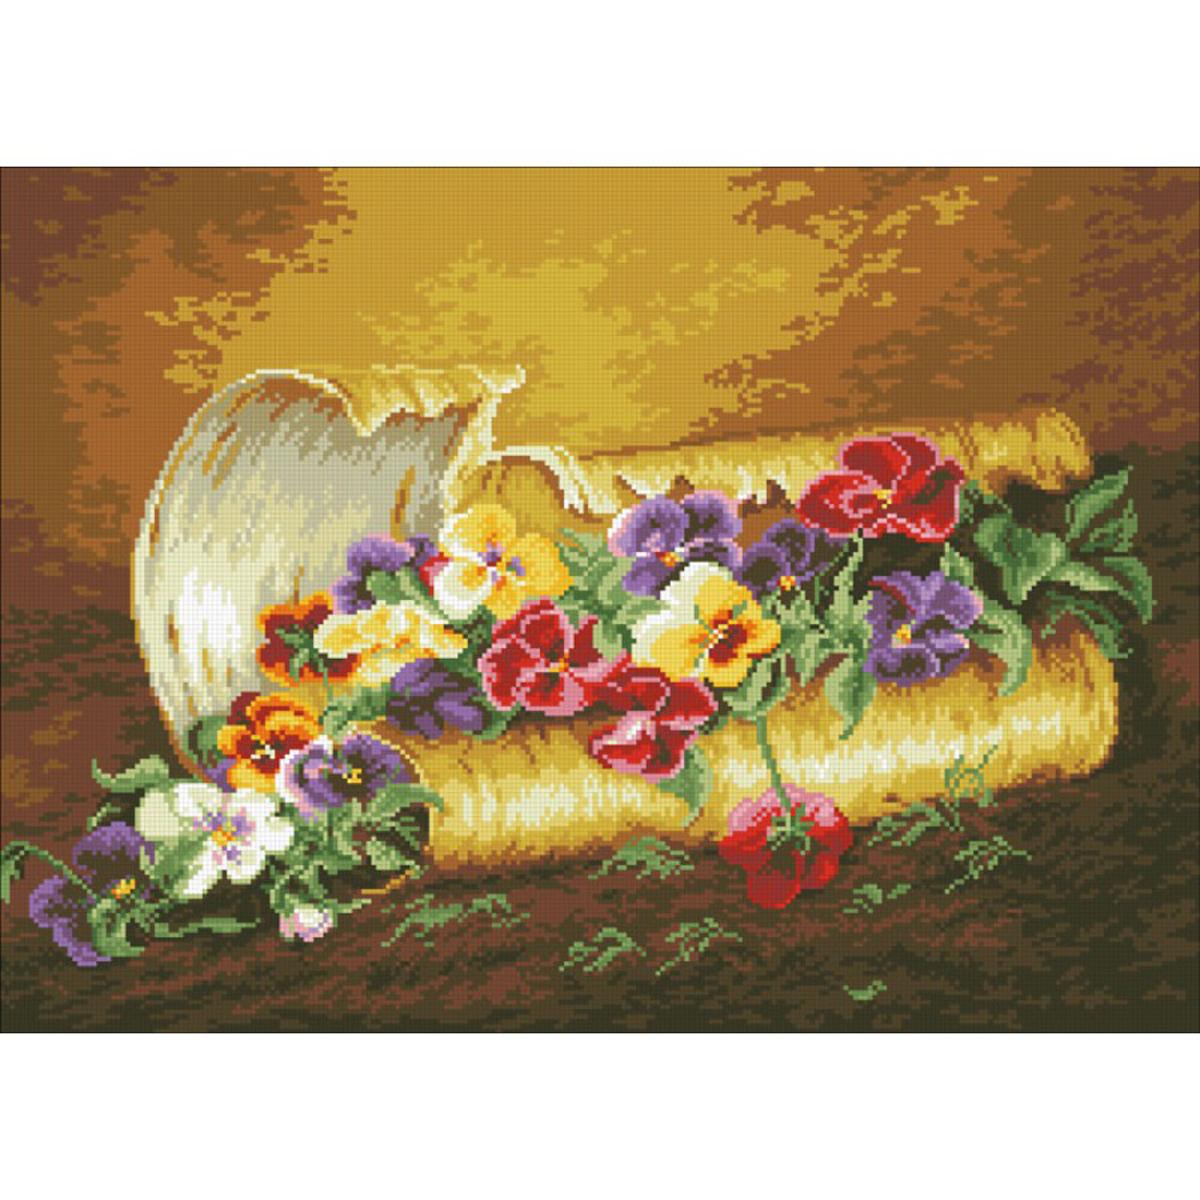 Набор для изготовления картины со стразами Паутинка Анютины глазки, 58 х 42 см486469Состав набора: мозаика — 28 цветов, холст с нанесенным рисунком и клеевым слоем, пинцет, подробная инструкция.